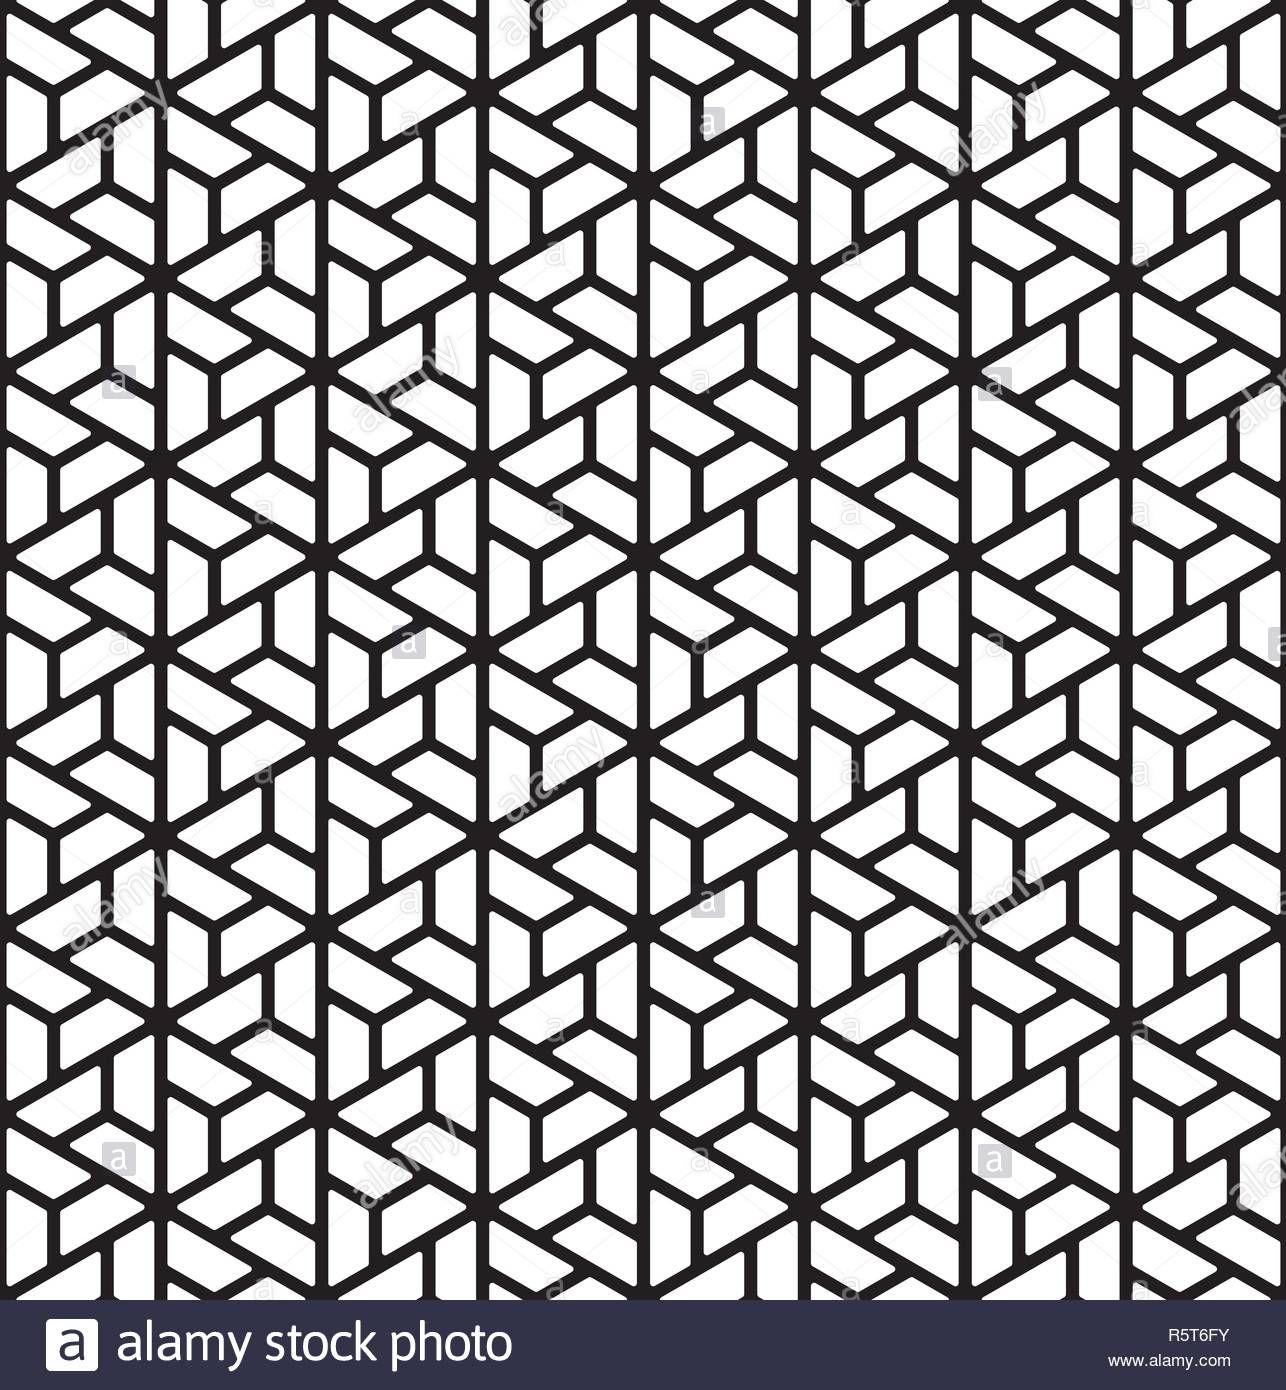 nahtlose muster auf kumiko ornament silhouette mit dicken linien geeignet fur laser oder design abgerundete ecken s malvorlagen vektorgrafik photoshop vektordatei erstellen mercedes stern vektor